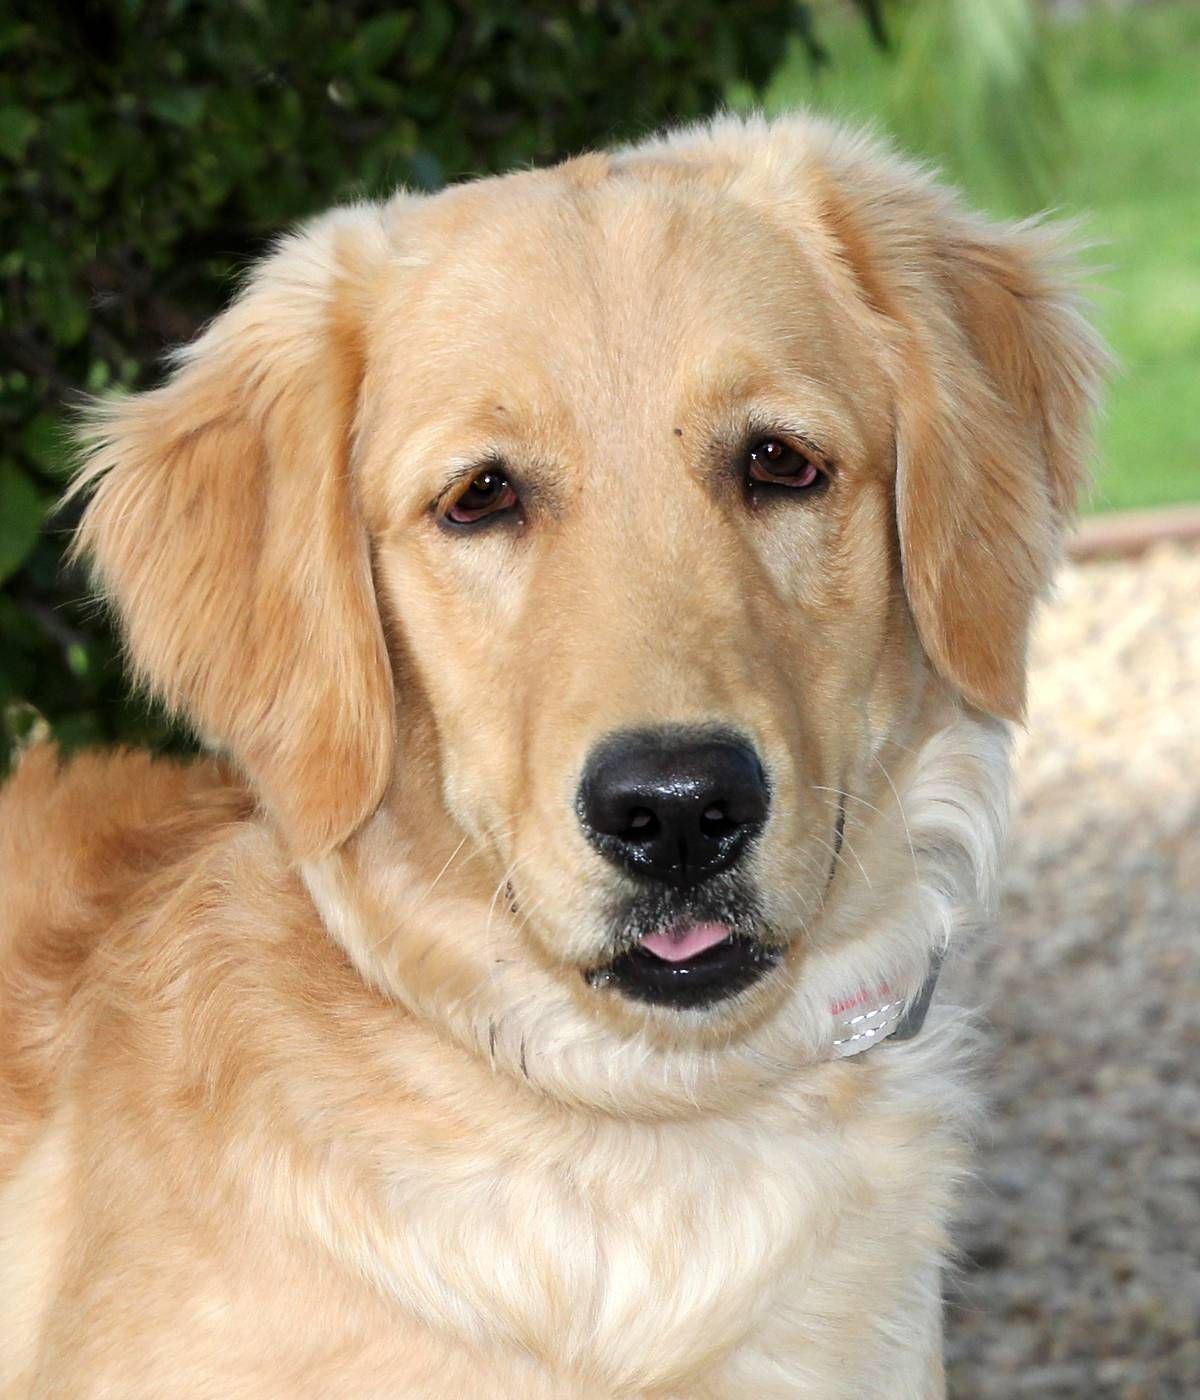 Golden Retriever Dog For Adoption In Glendale Az Adn 742988 On